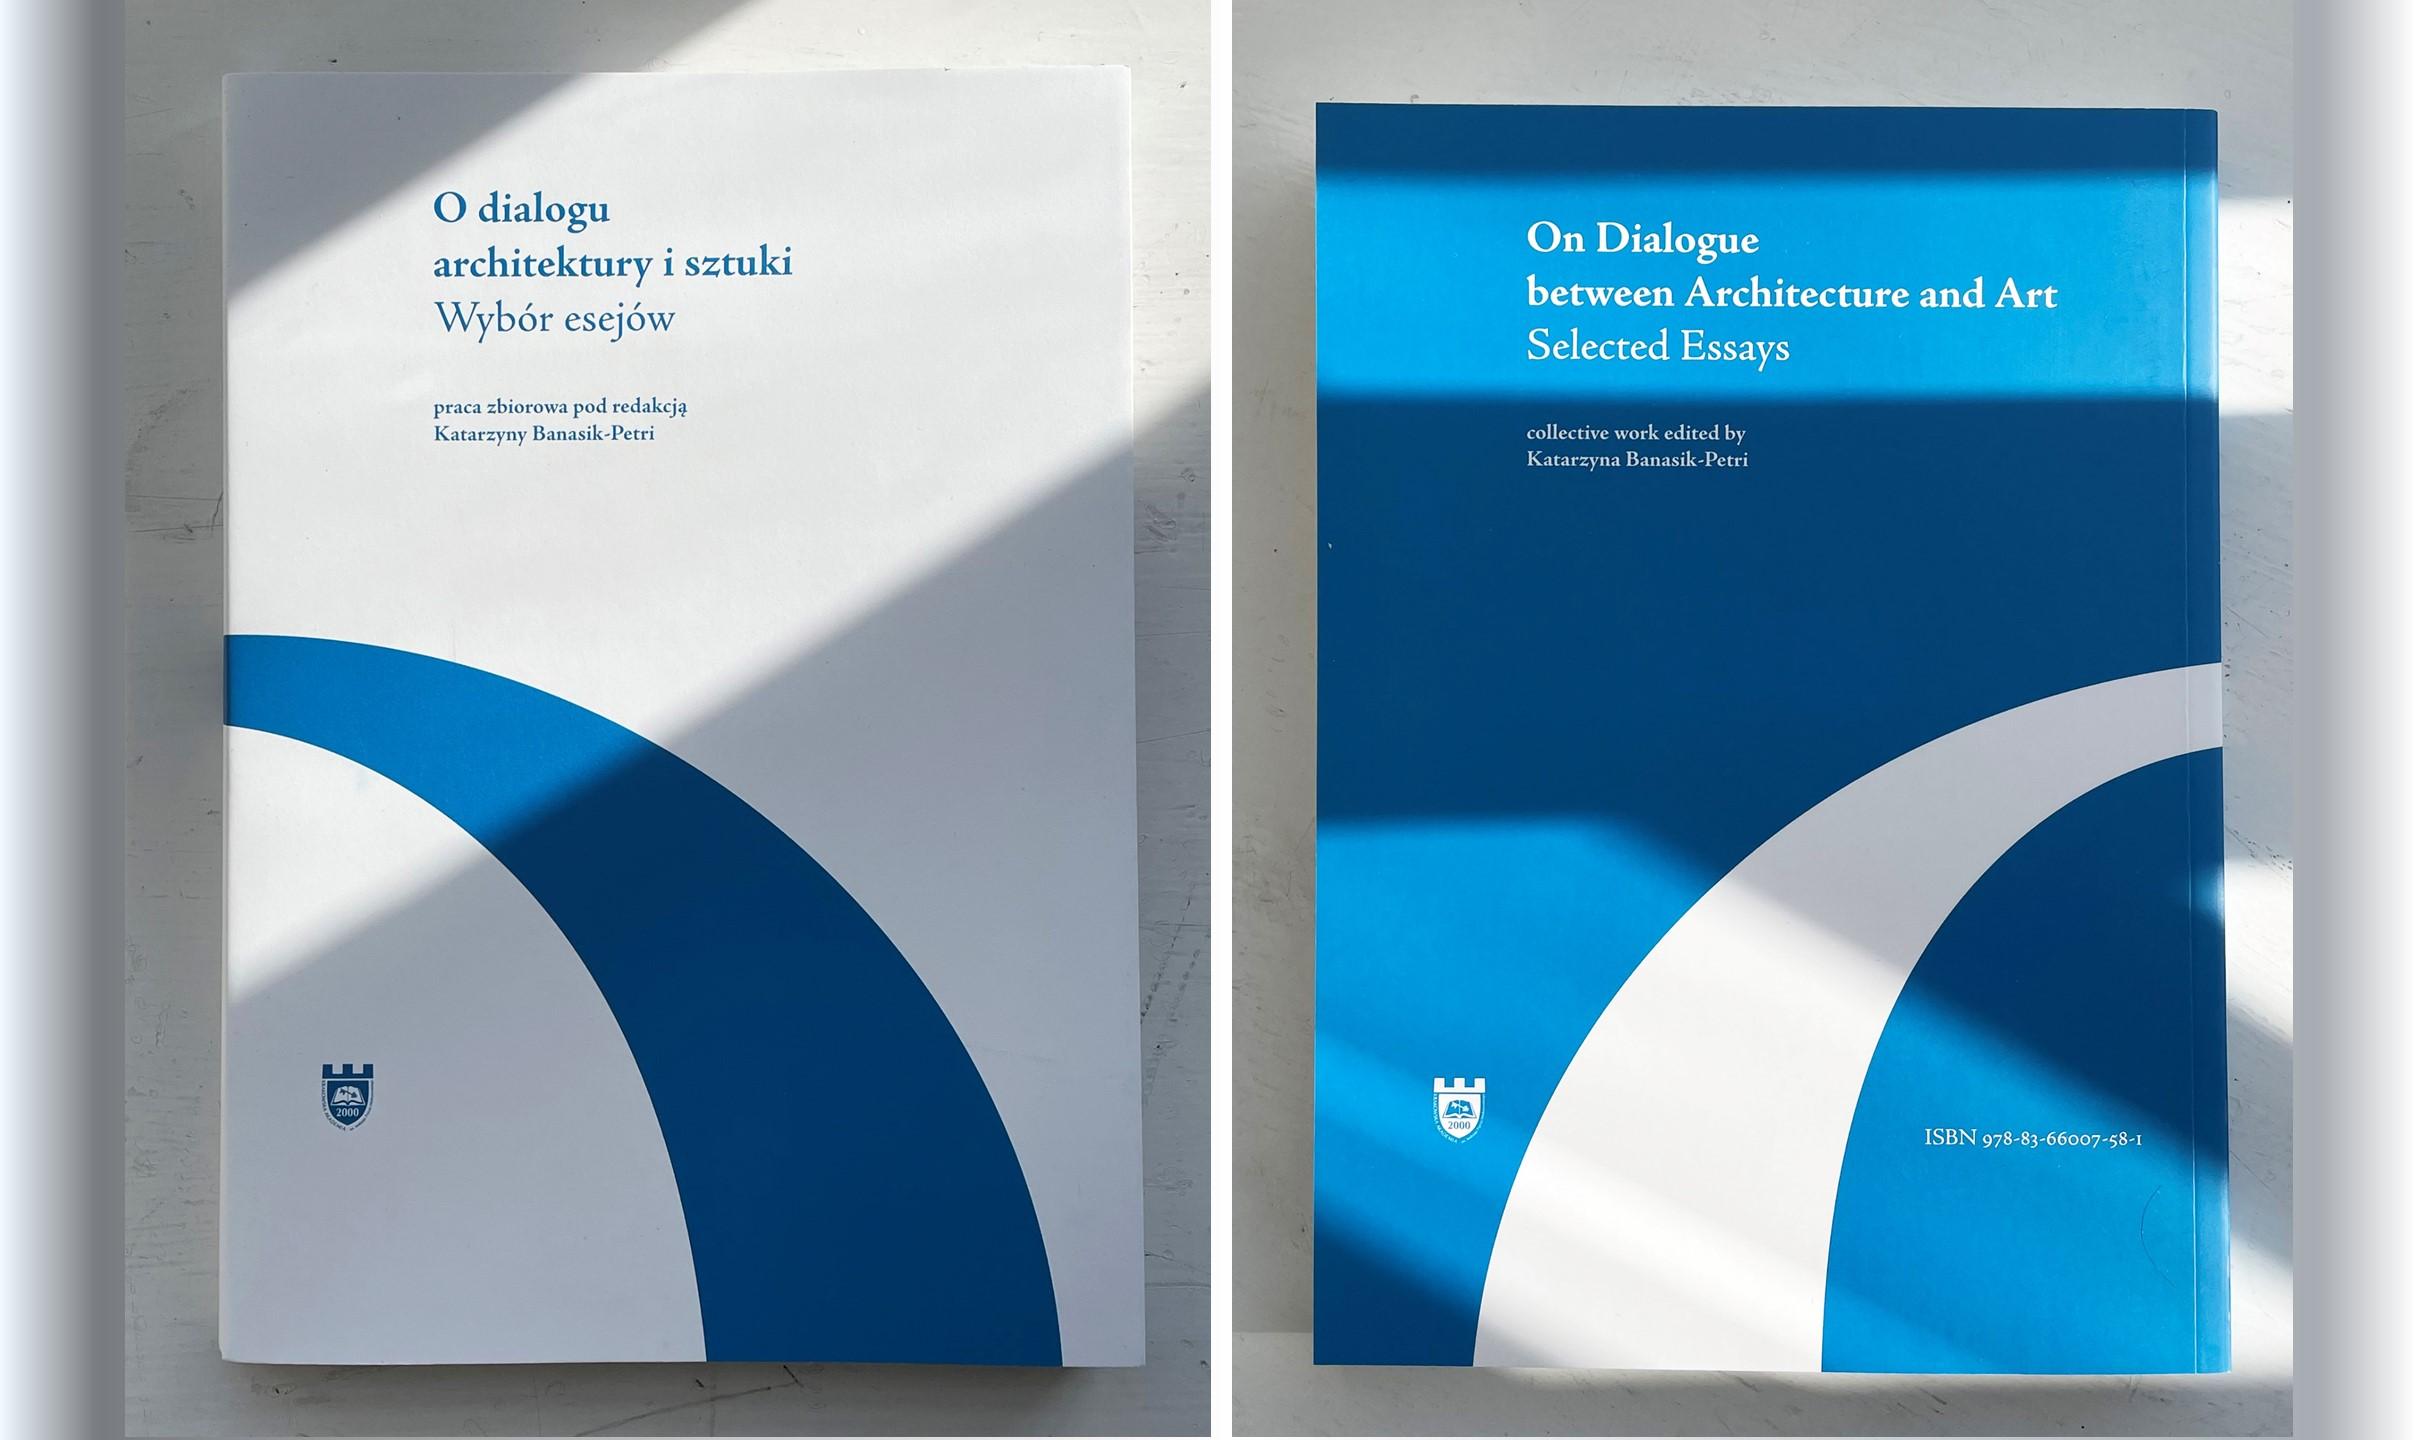 Monografia O dialogu architektury i sztuki